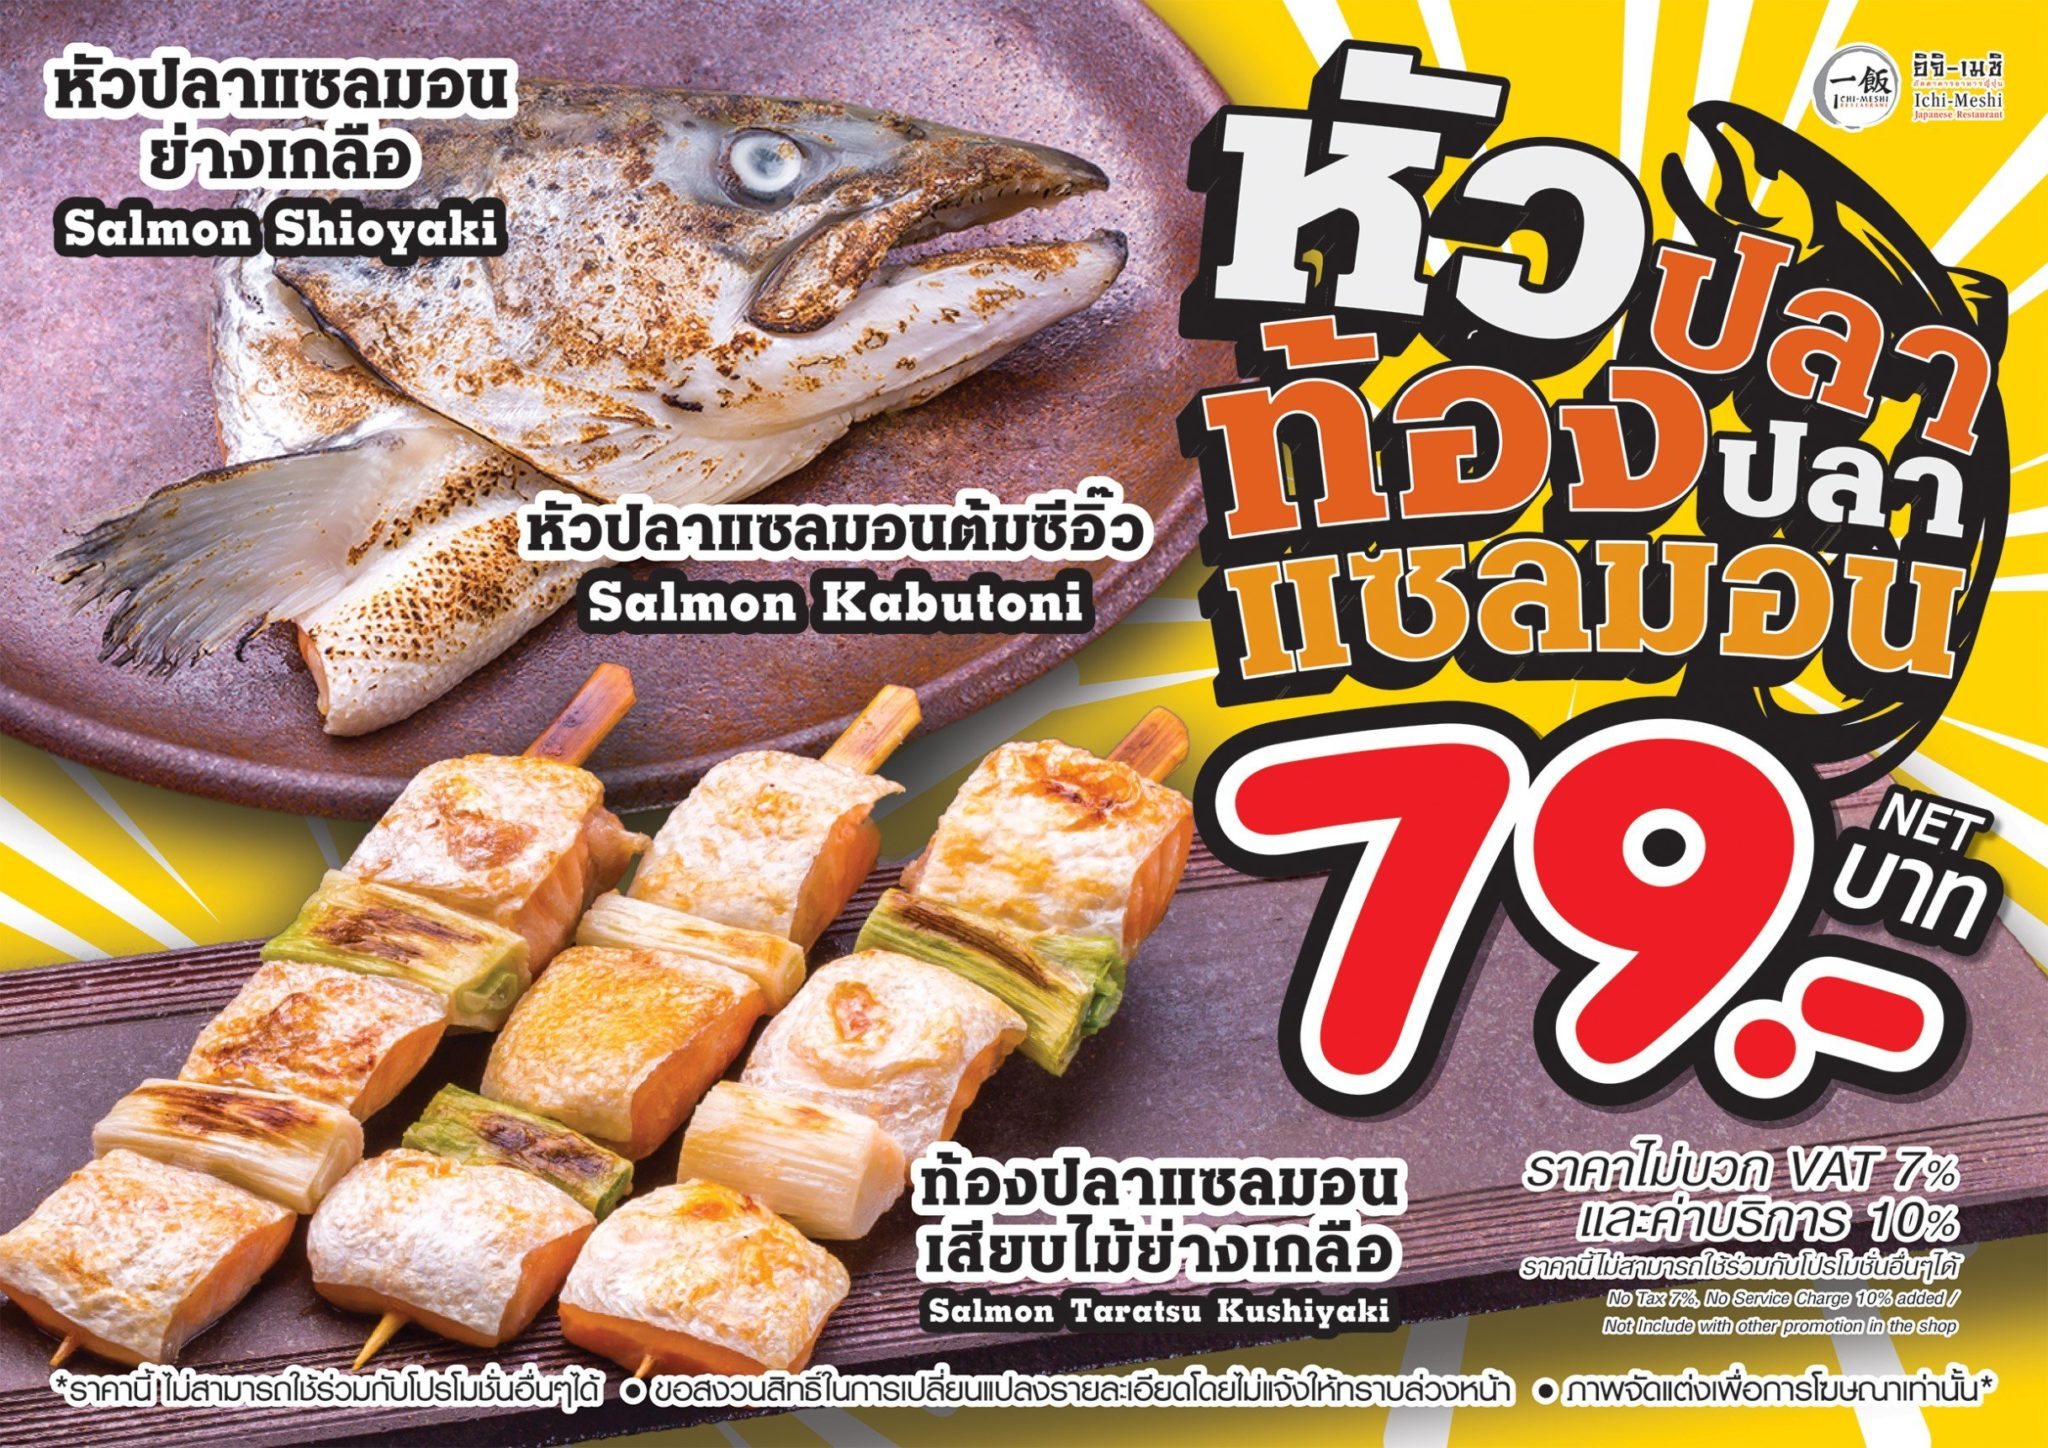 โปรโมชั่นพิเศษกับเมนูอิจิ-เมชิหัวปลาและท้องปลาแซลมอนสุดพิเศษ 13 -